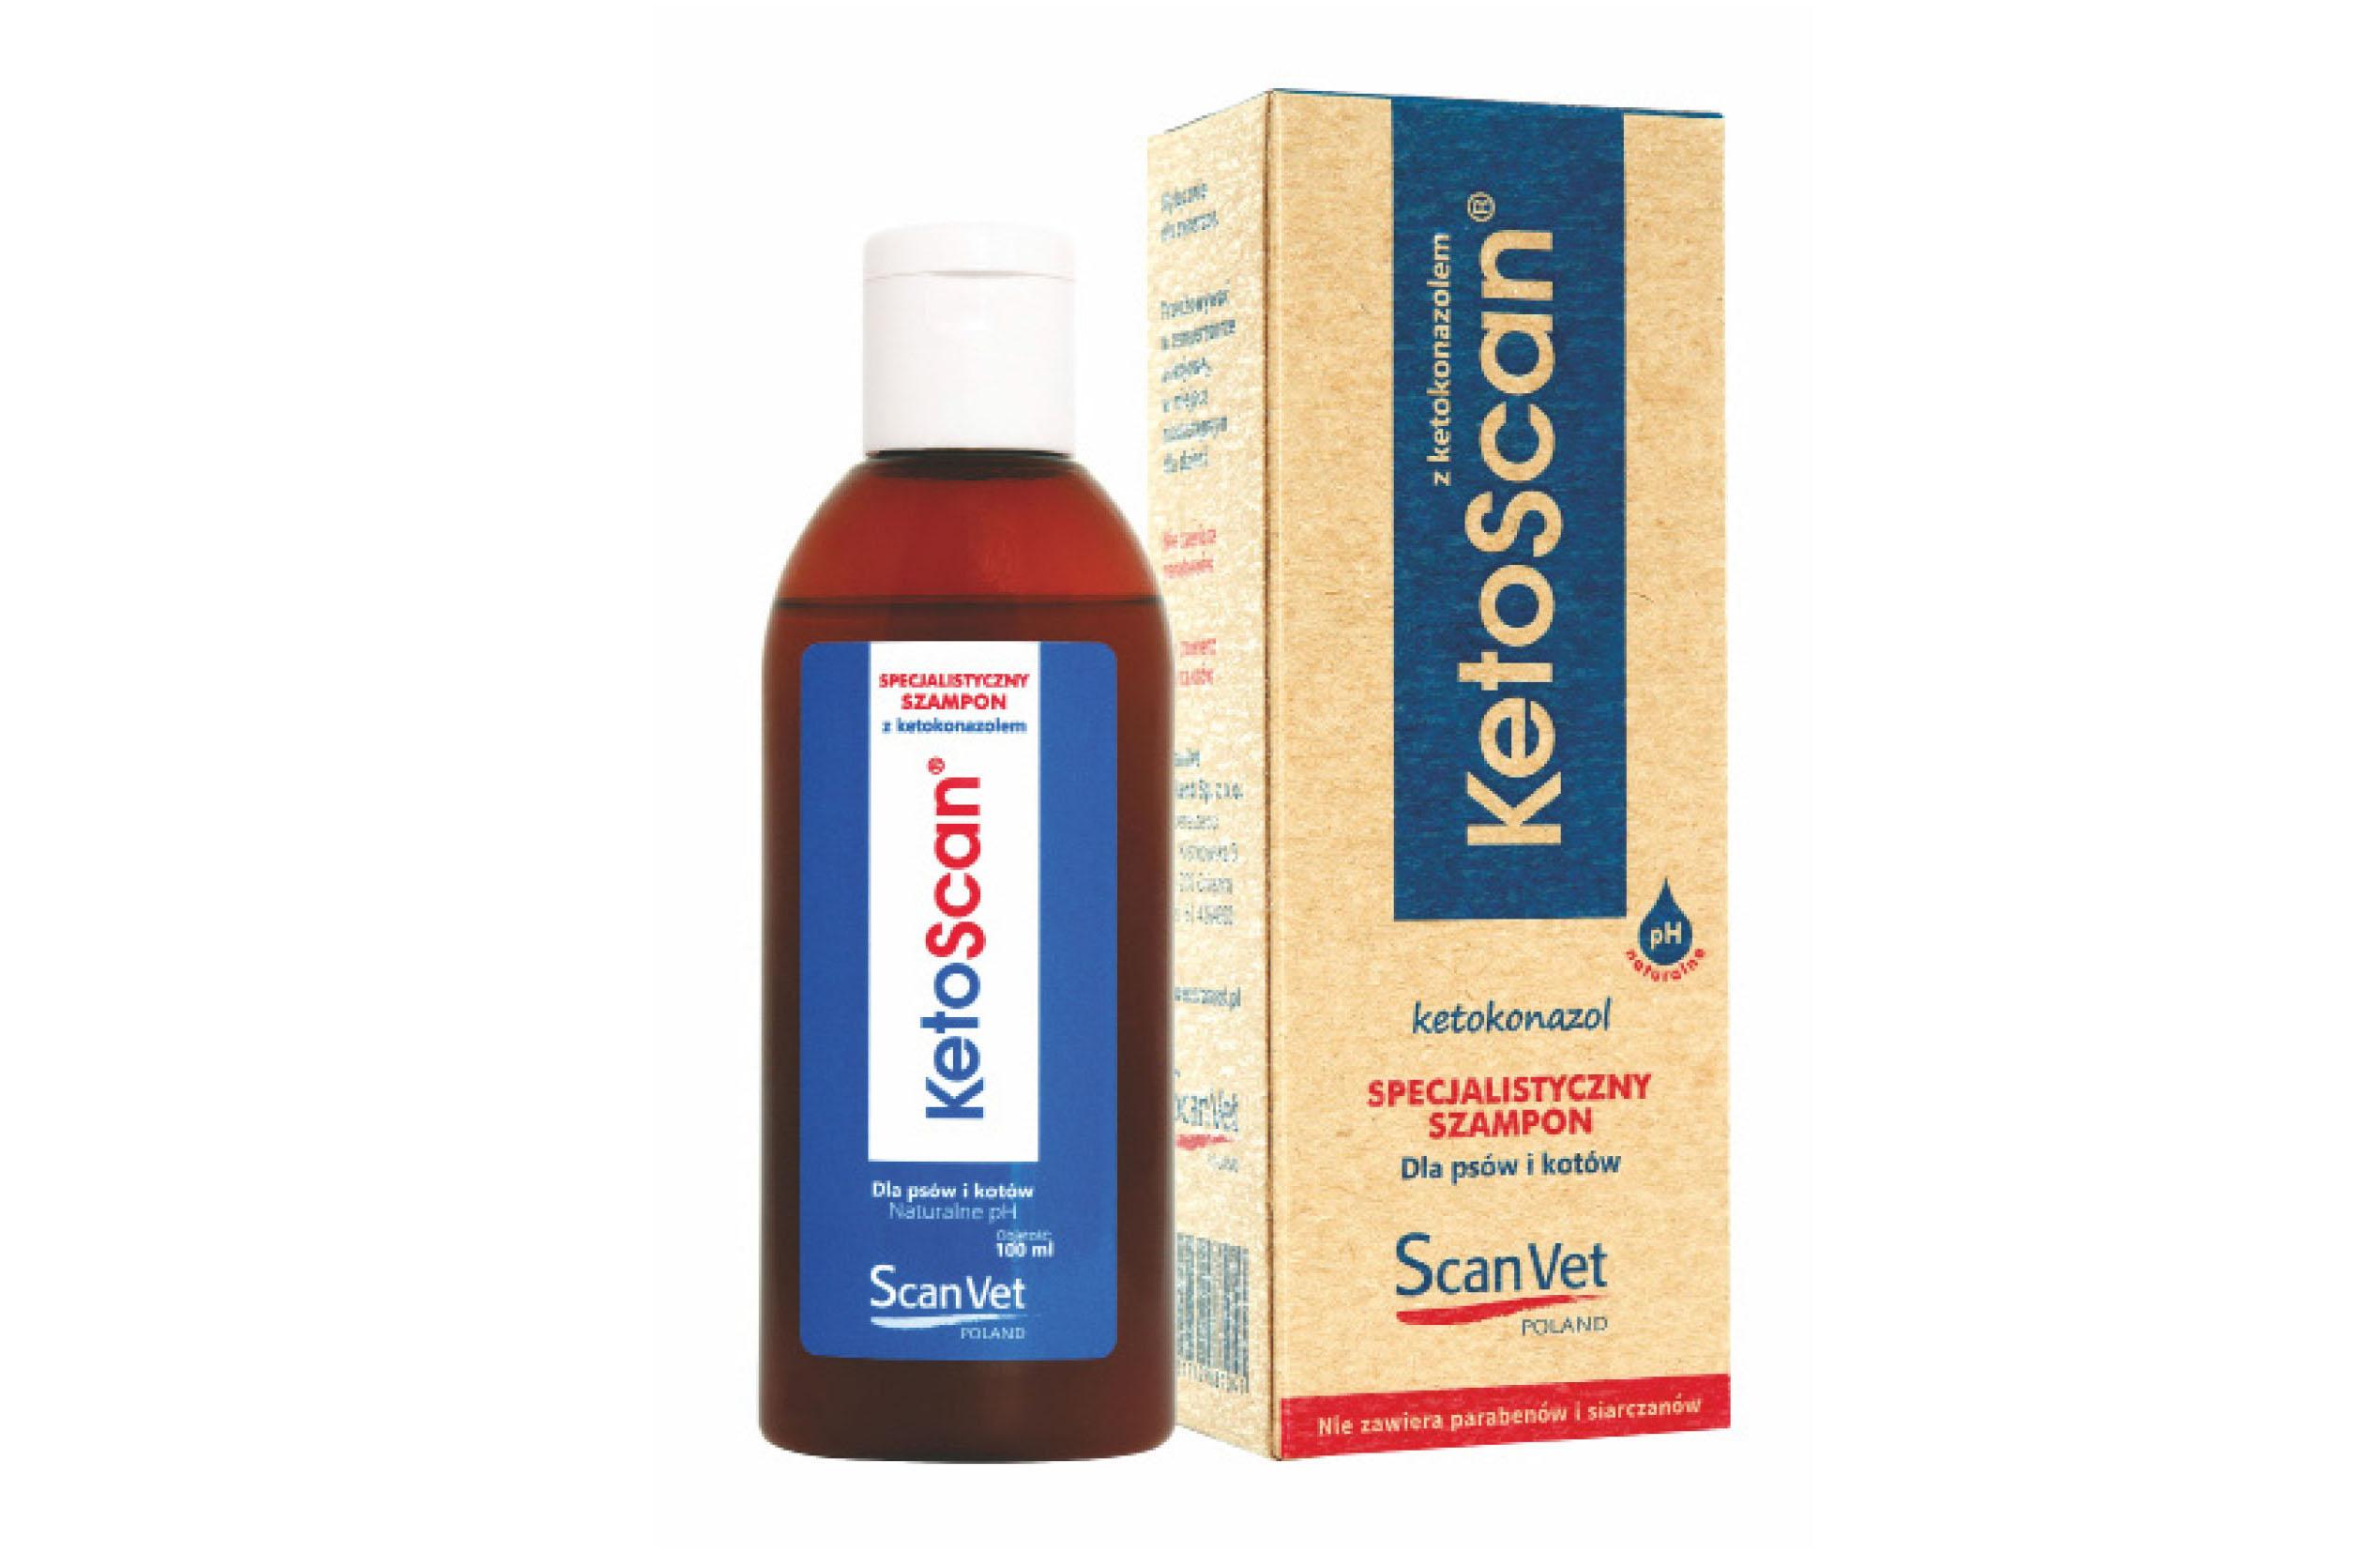 KetoScan – szampon dermatologiczny  dla psów ikotów